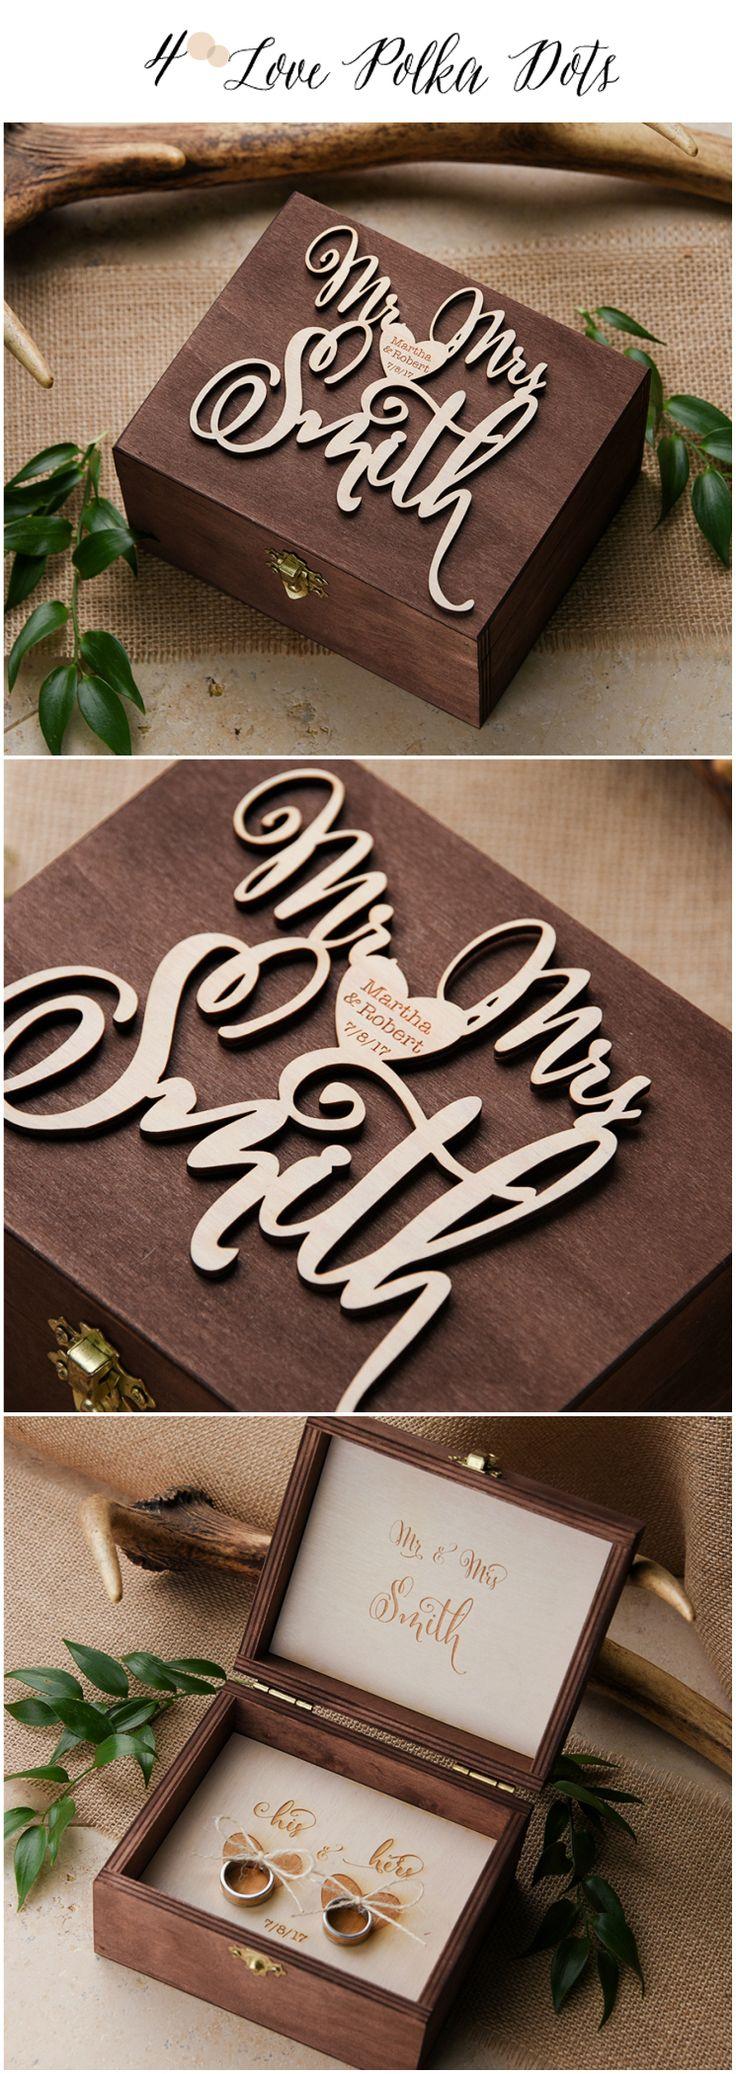 Best 25 ring bearer box ideas on pinterest wedding ring bearers mr mrs wooden wedding ring bearer box with custom engraving sponsored junglespirit Images